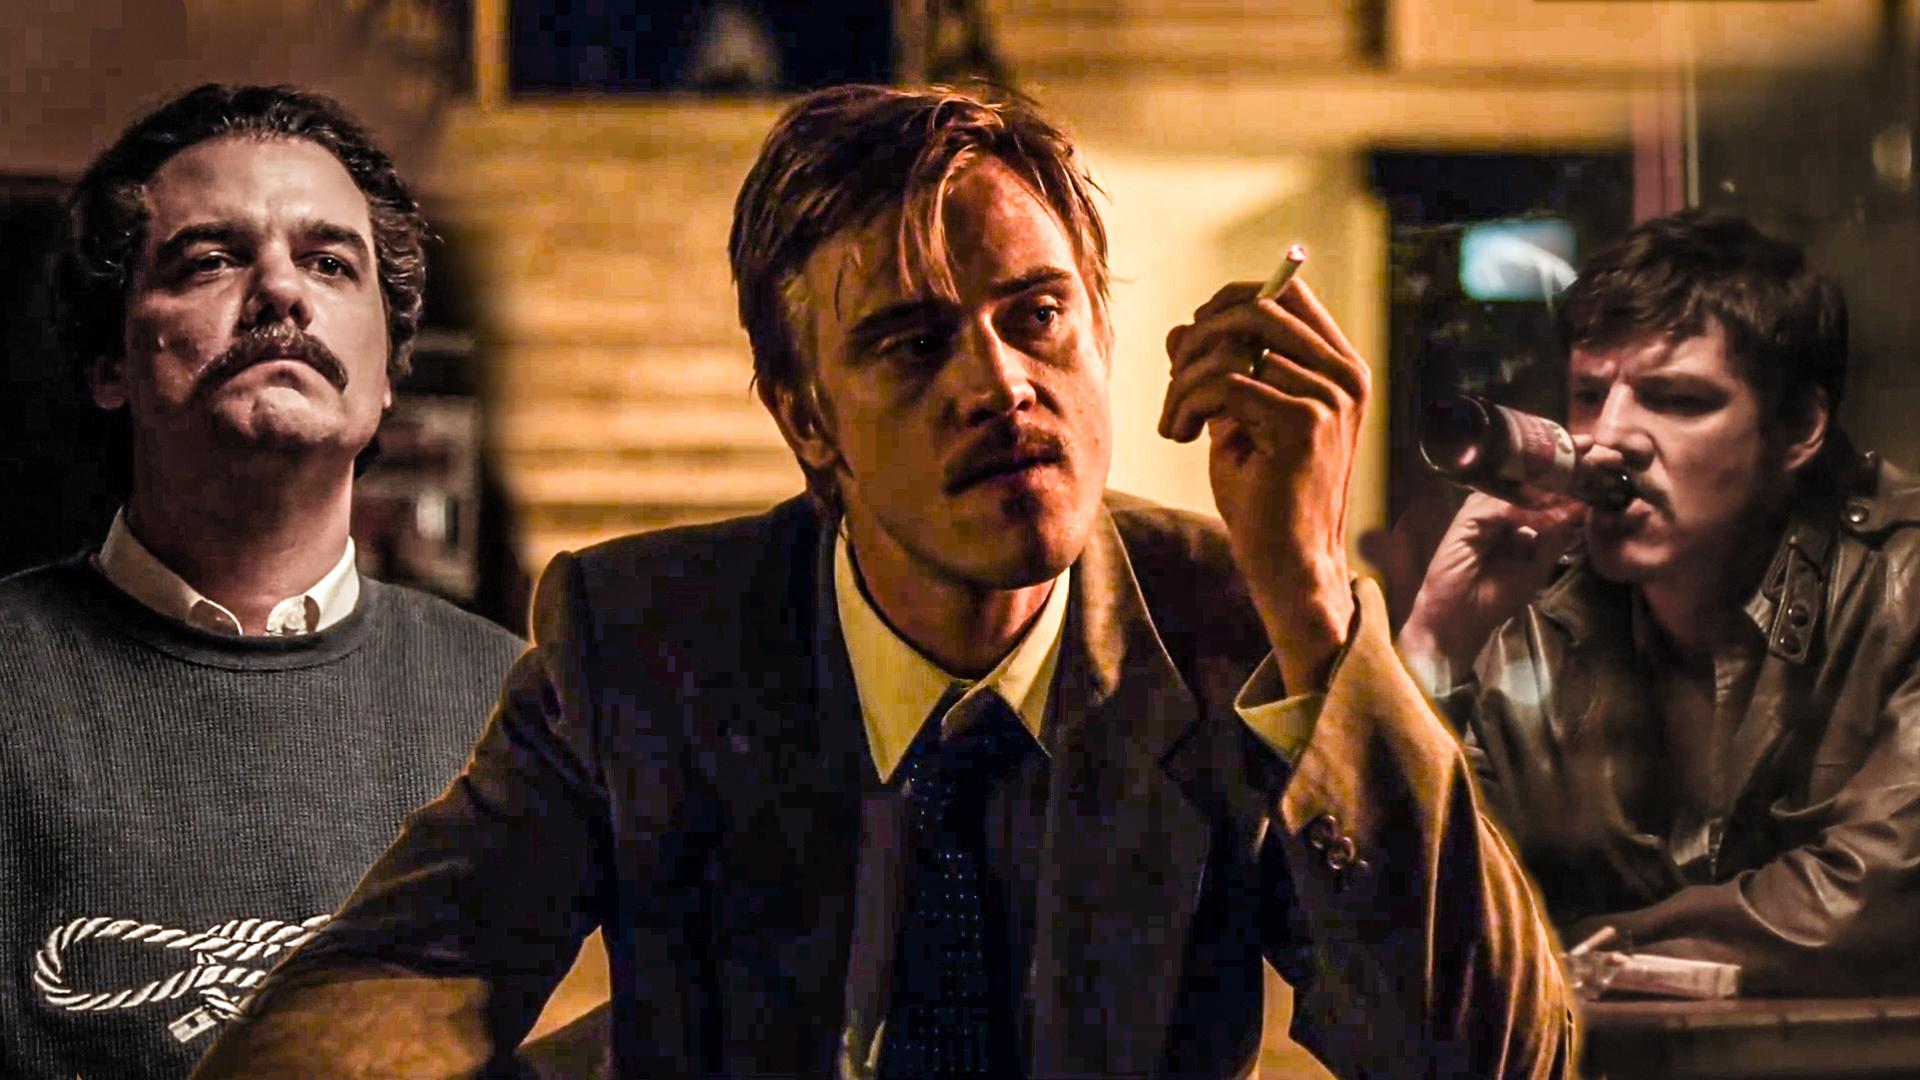 【墨菲】《毒枭》第6期:墨菲遭毒枭绑架,哥伦比亚攻陷「大教堂」